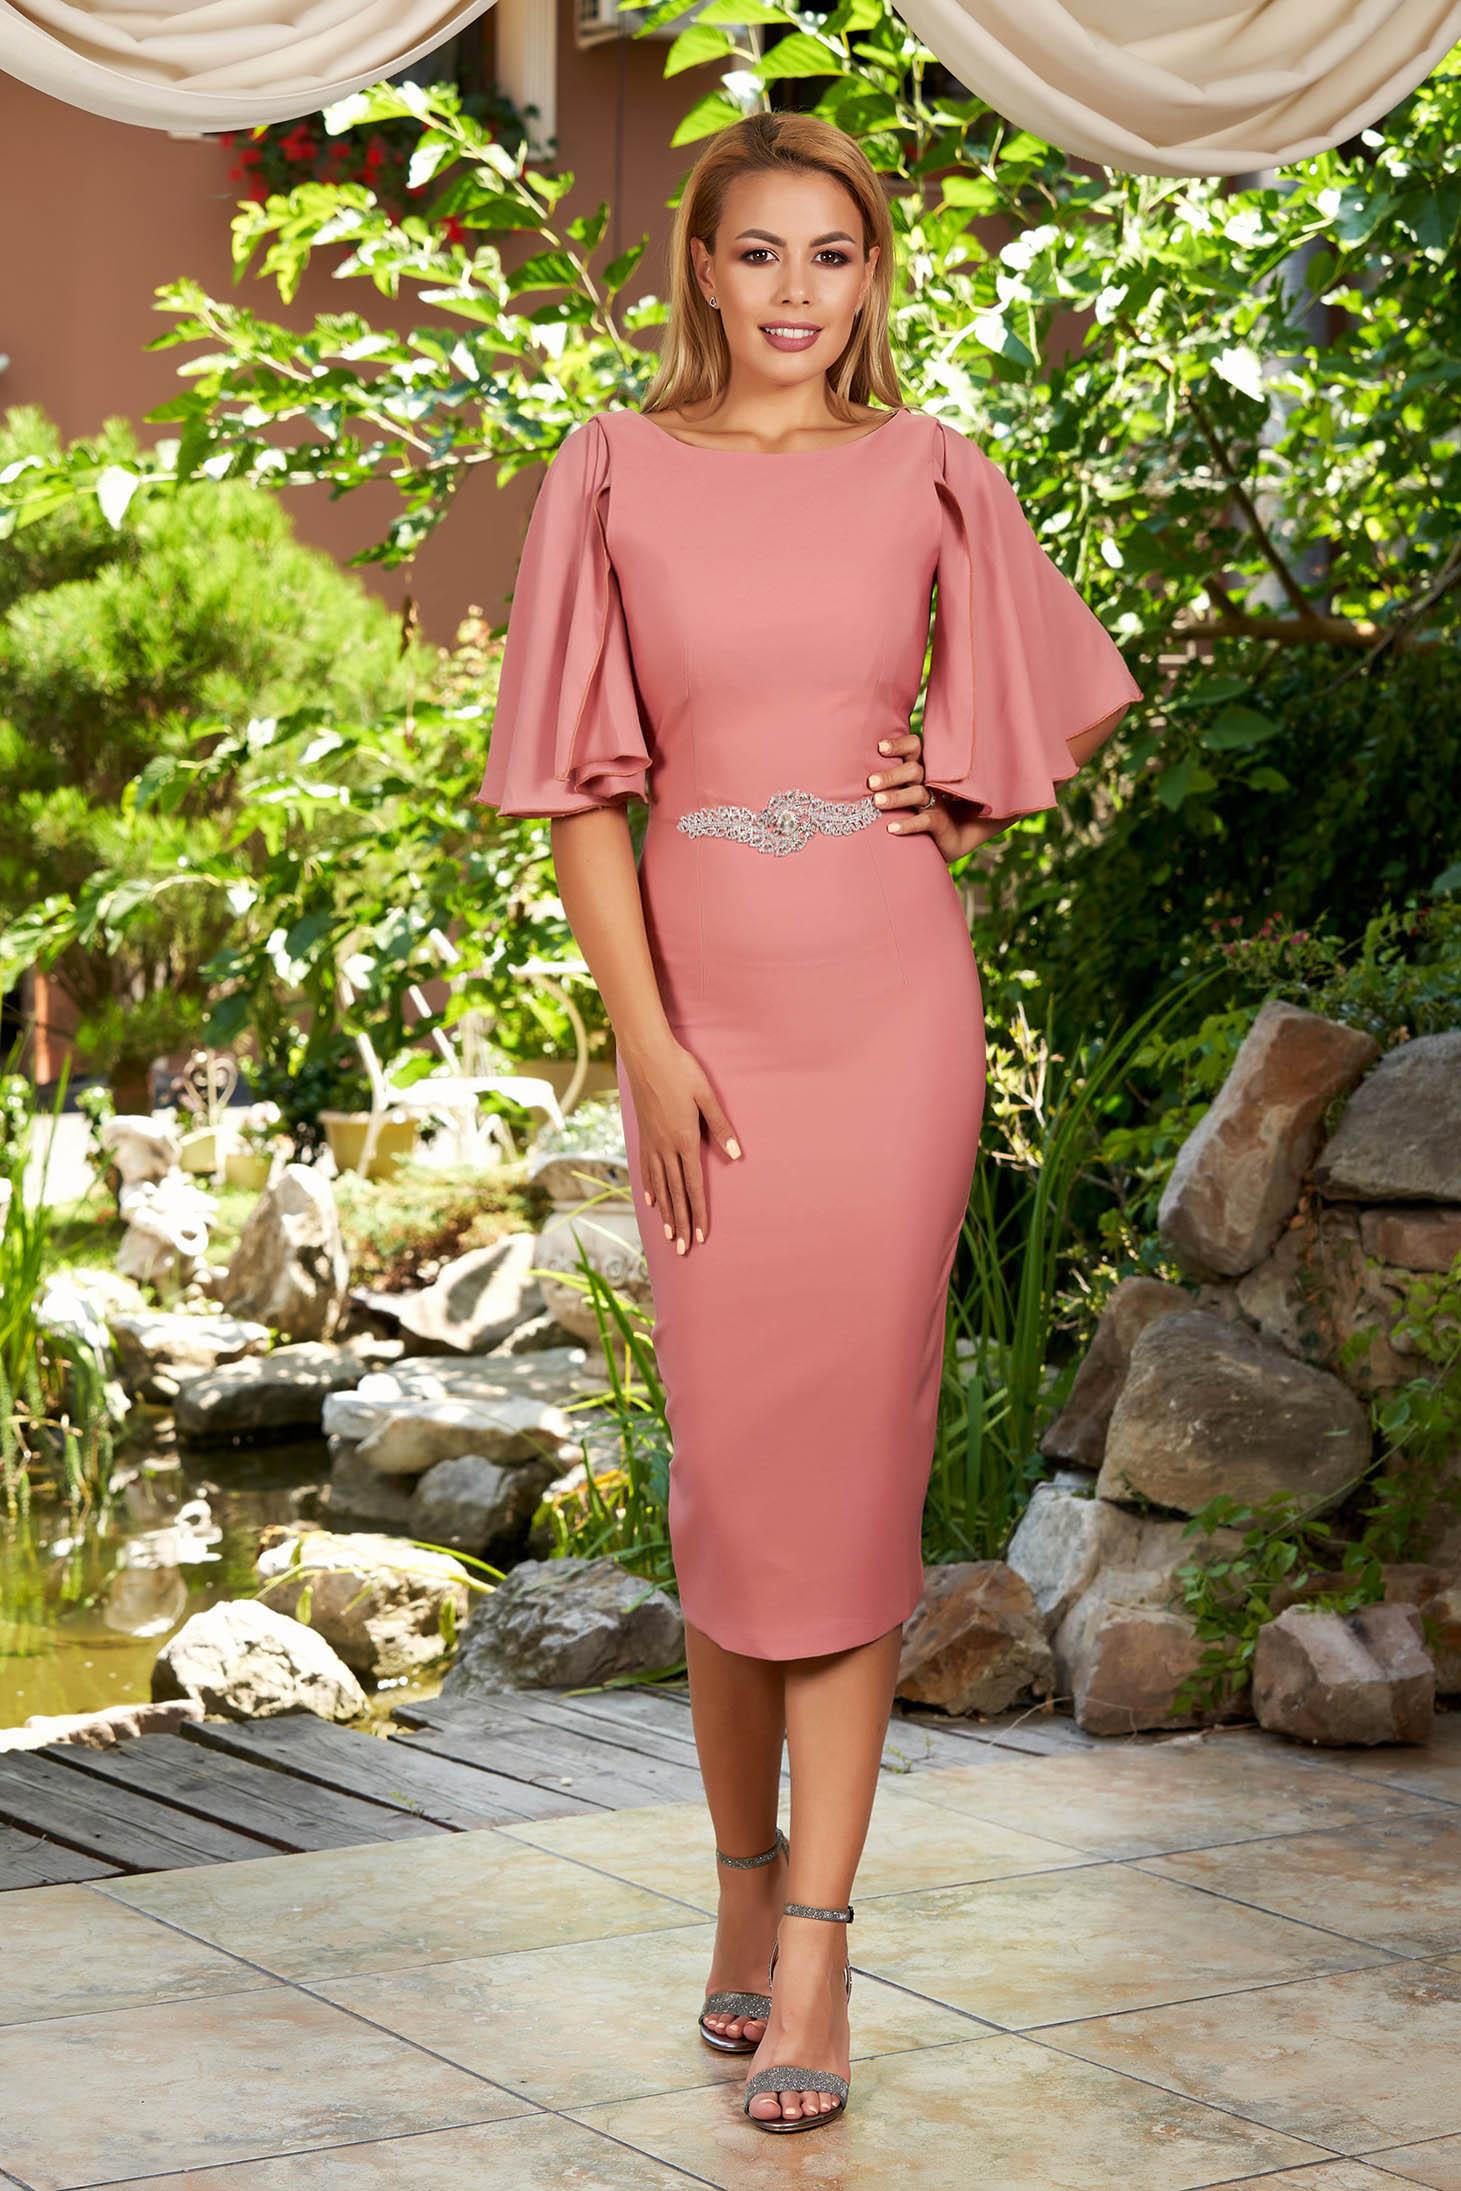 Rochie PrettyGirl roz prafuit eleganta midi tip creion cu maneci din voal cu decolteu rotunjit si pietre strass